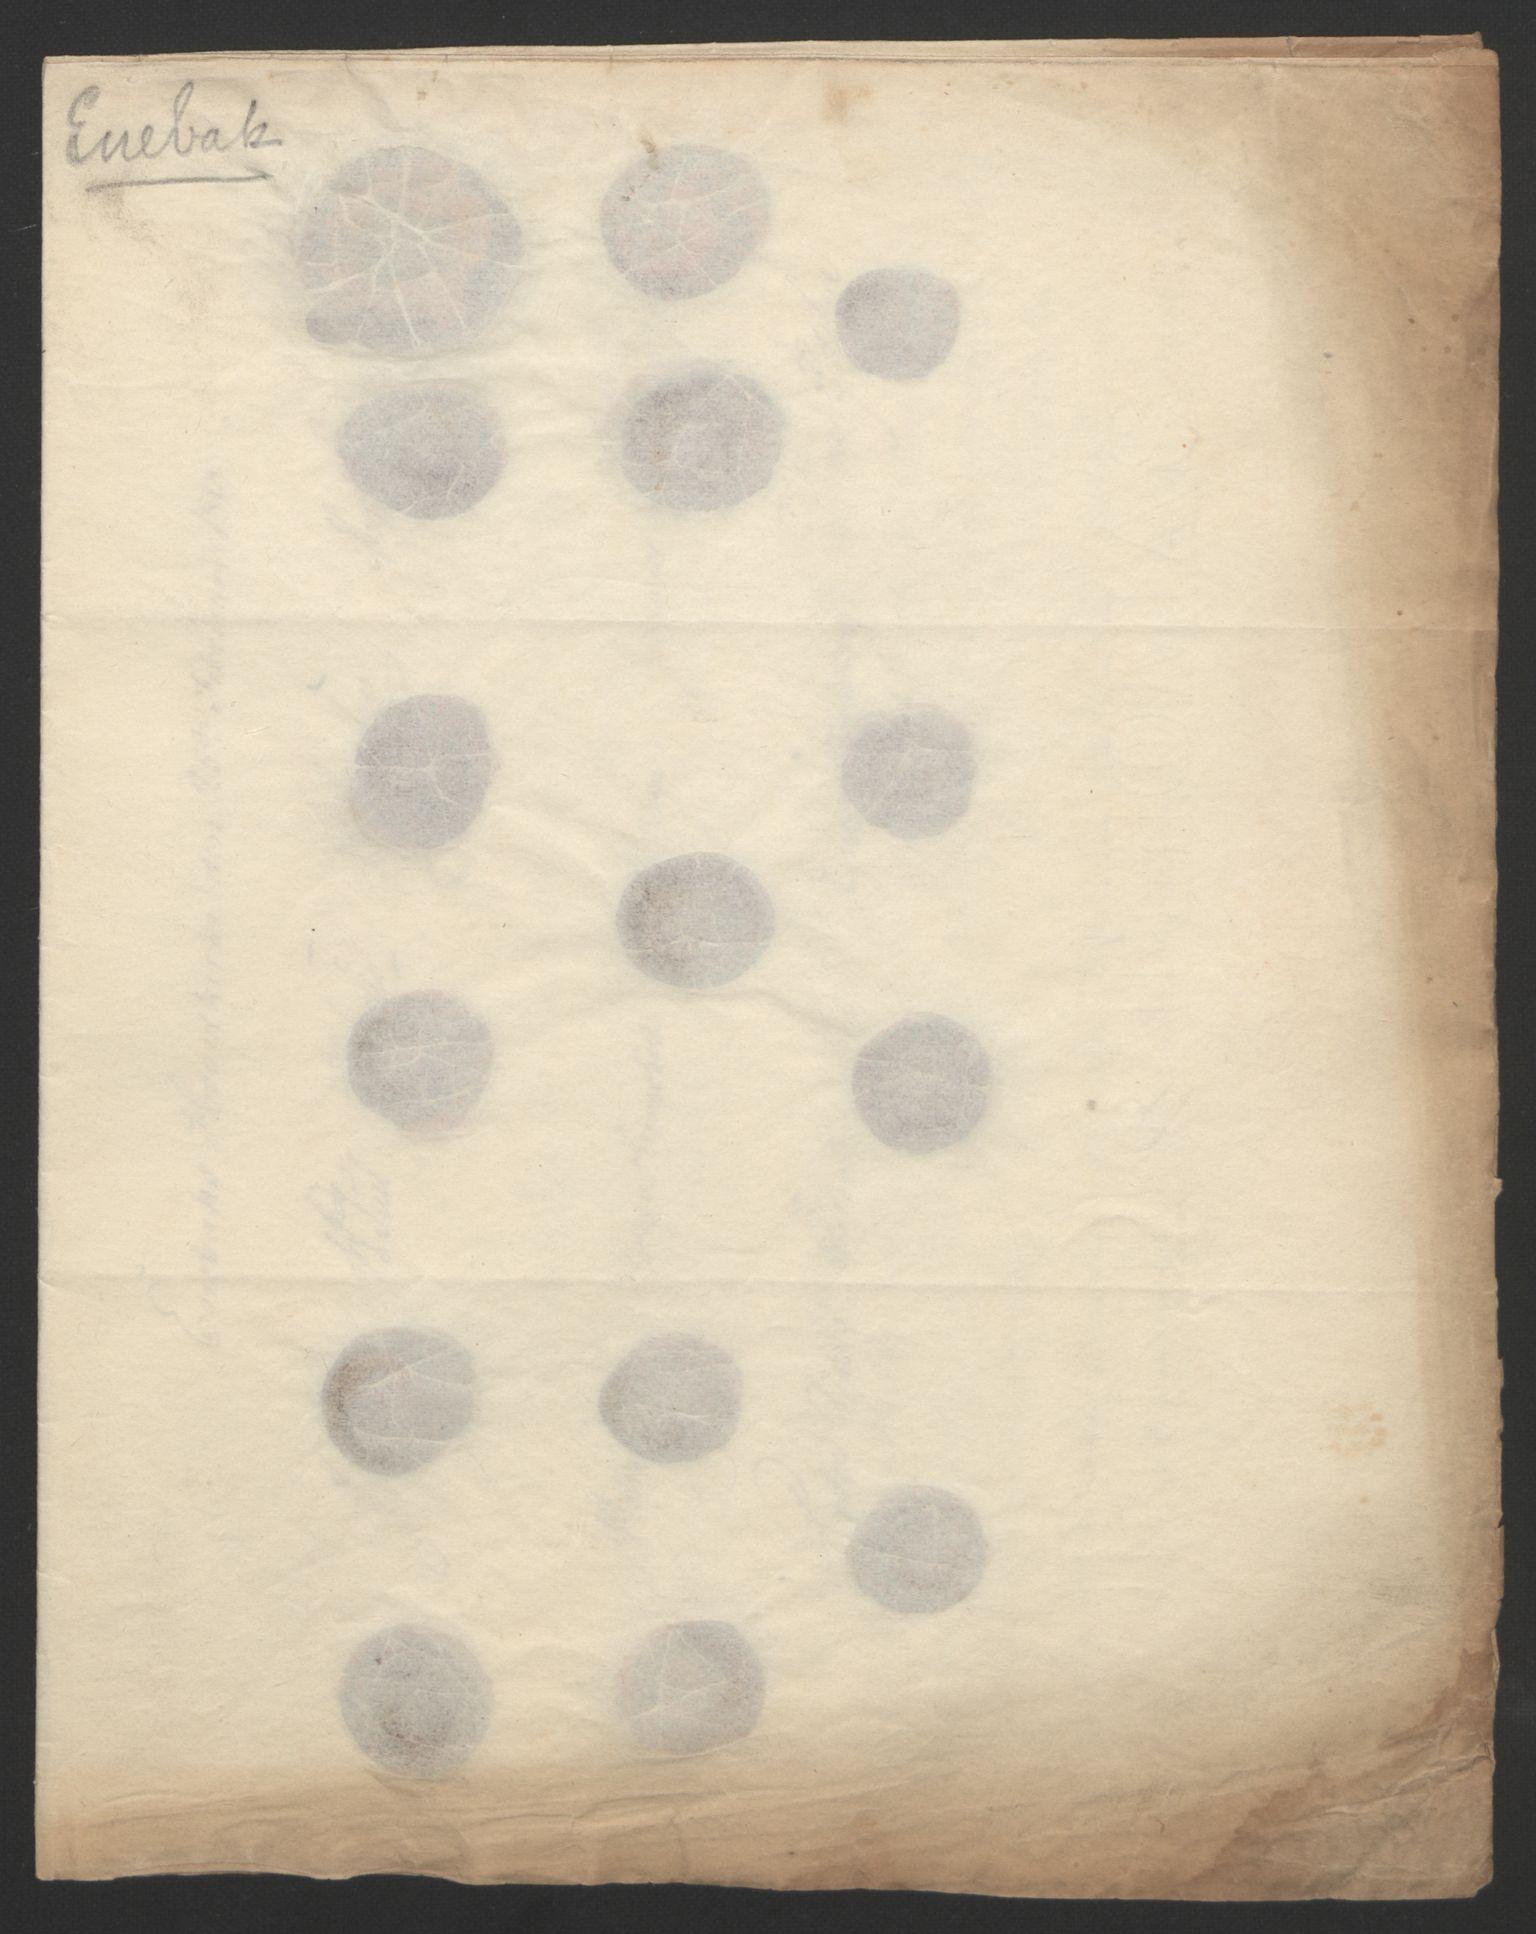 RA, Statsrådssekretariatet, D/Db/L0007: Fullmakter for Eidsvollsrepresentantene i 1814. , 1814, s. 180